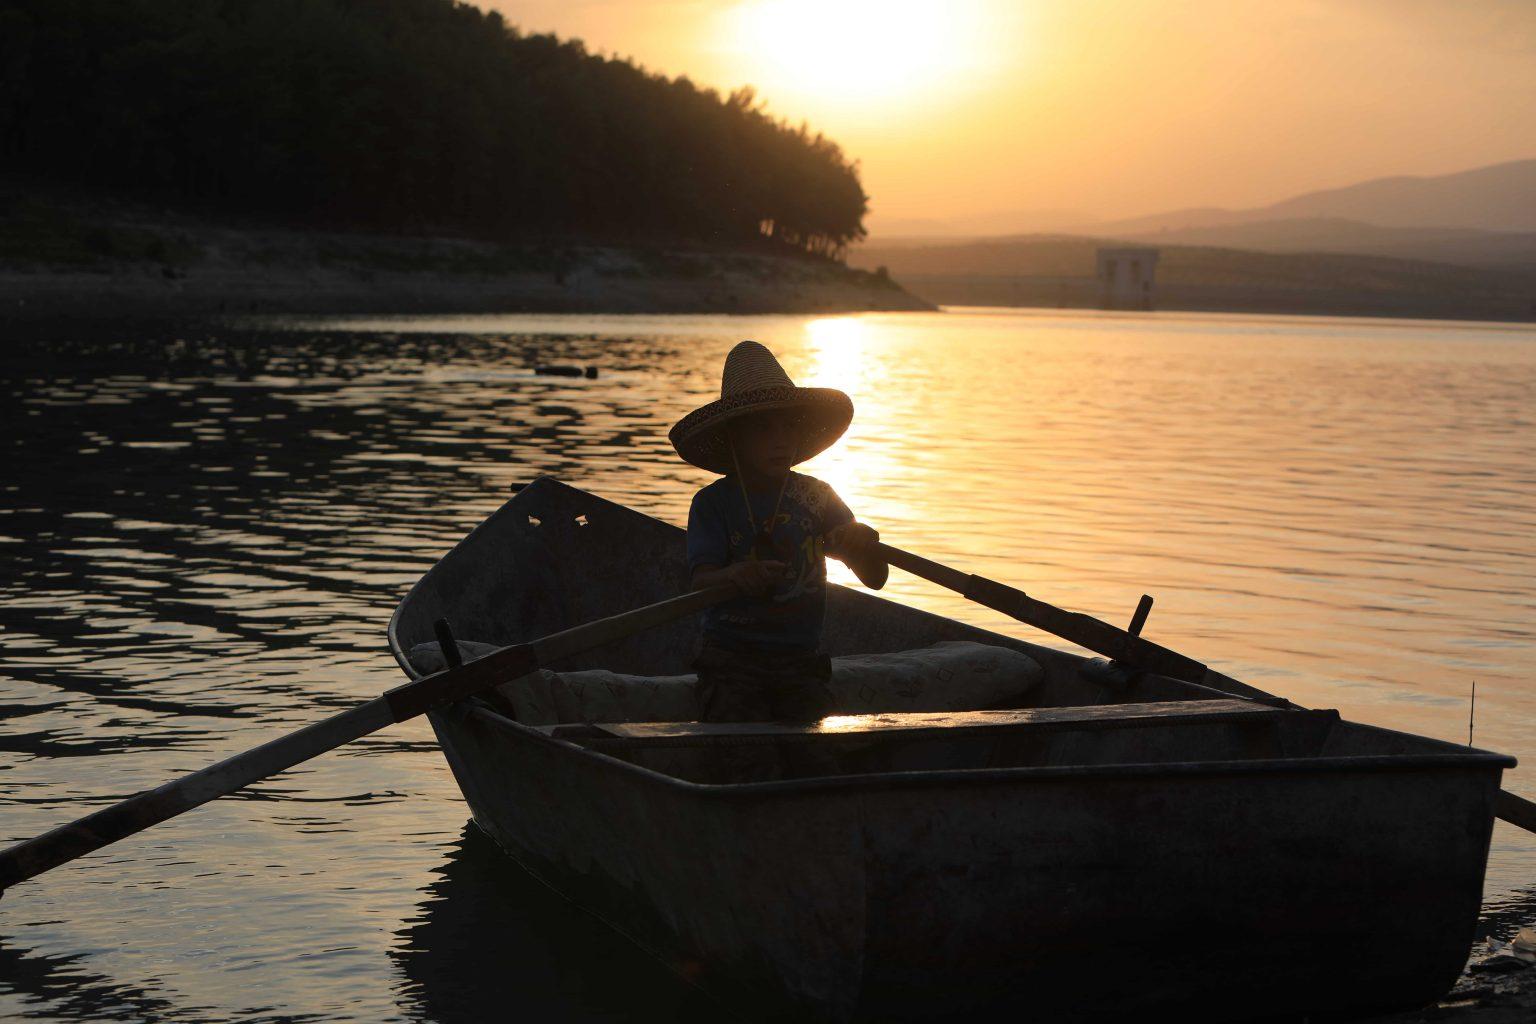 بالصور الطفل السوري مالك يجدف بقارب قديم من أجل حياة كريمة